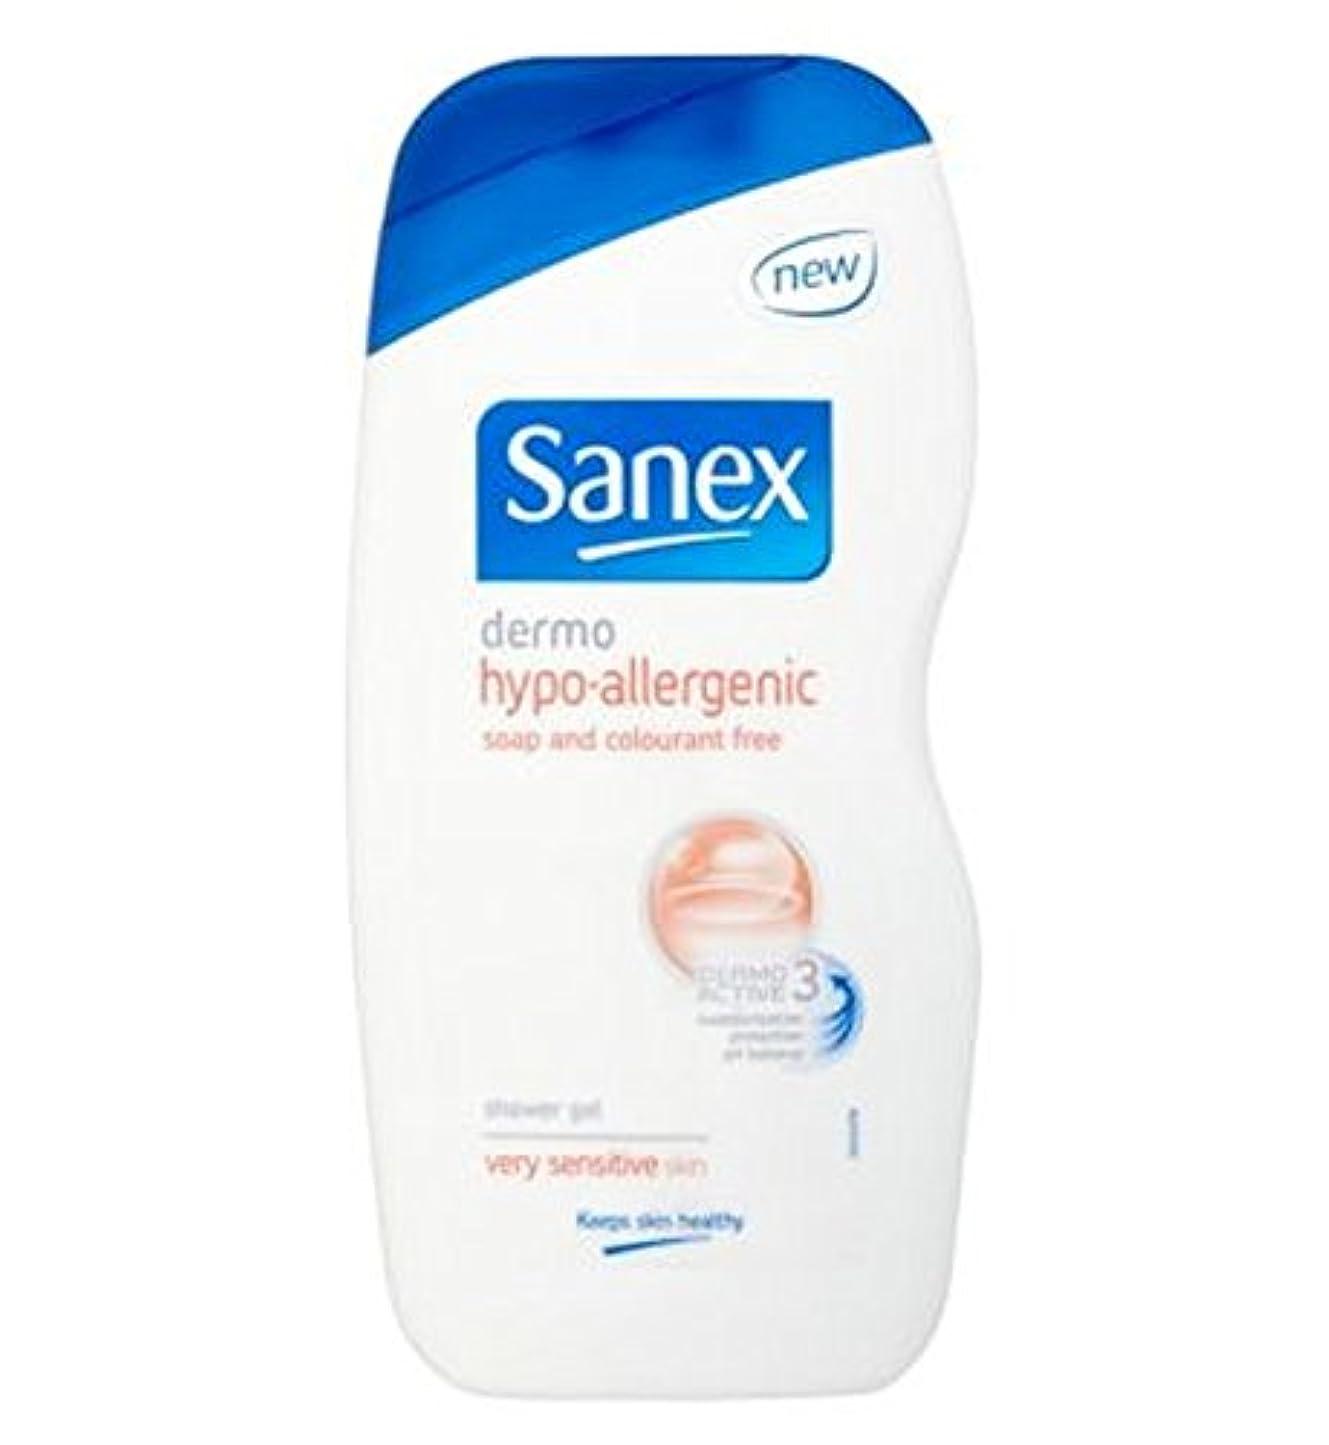 ブレース折り目天国Sanex Hypoallergenic Shower Gel 500ml - Sanex低刺激性のシャワージェル500ミリリットル (Sanex) [並行輸入品]